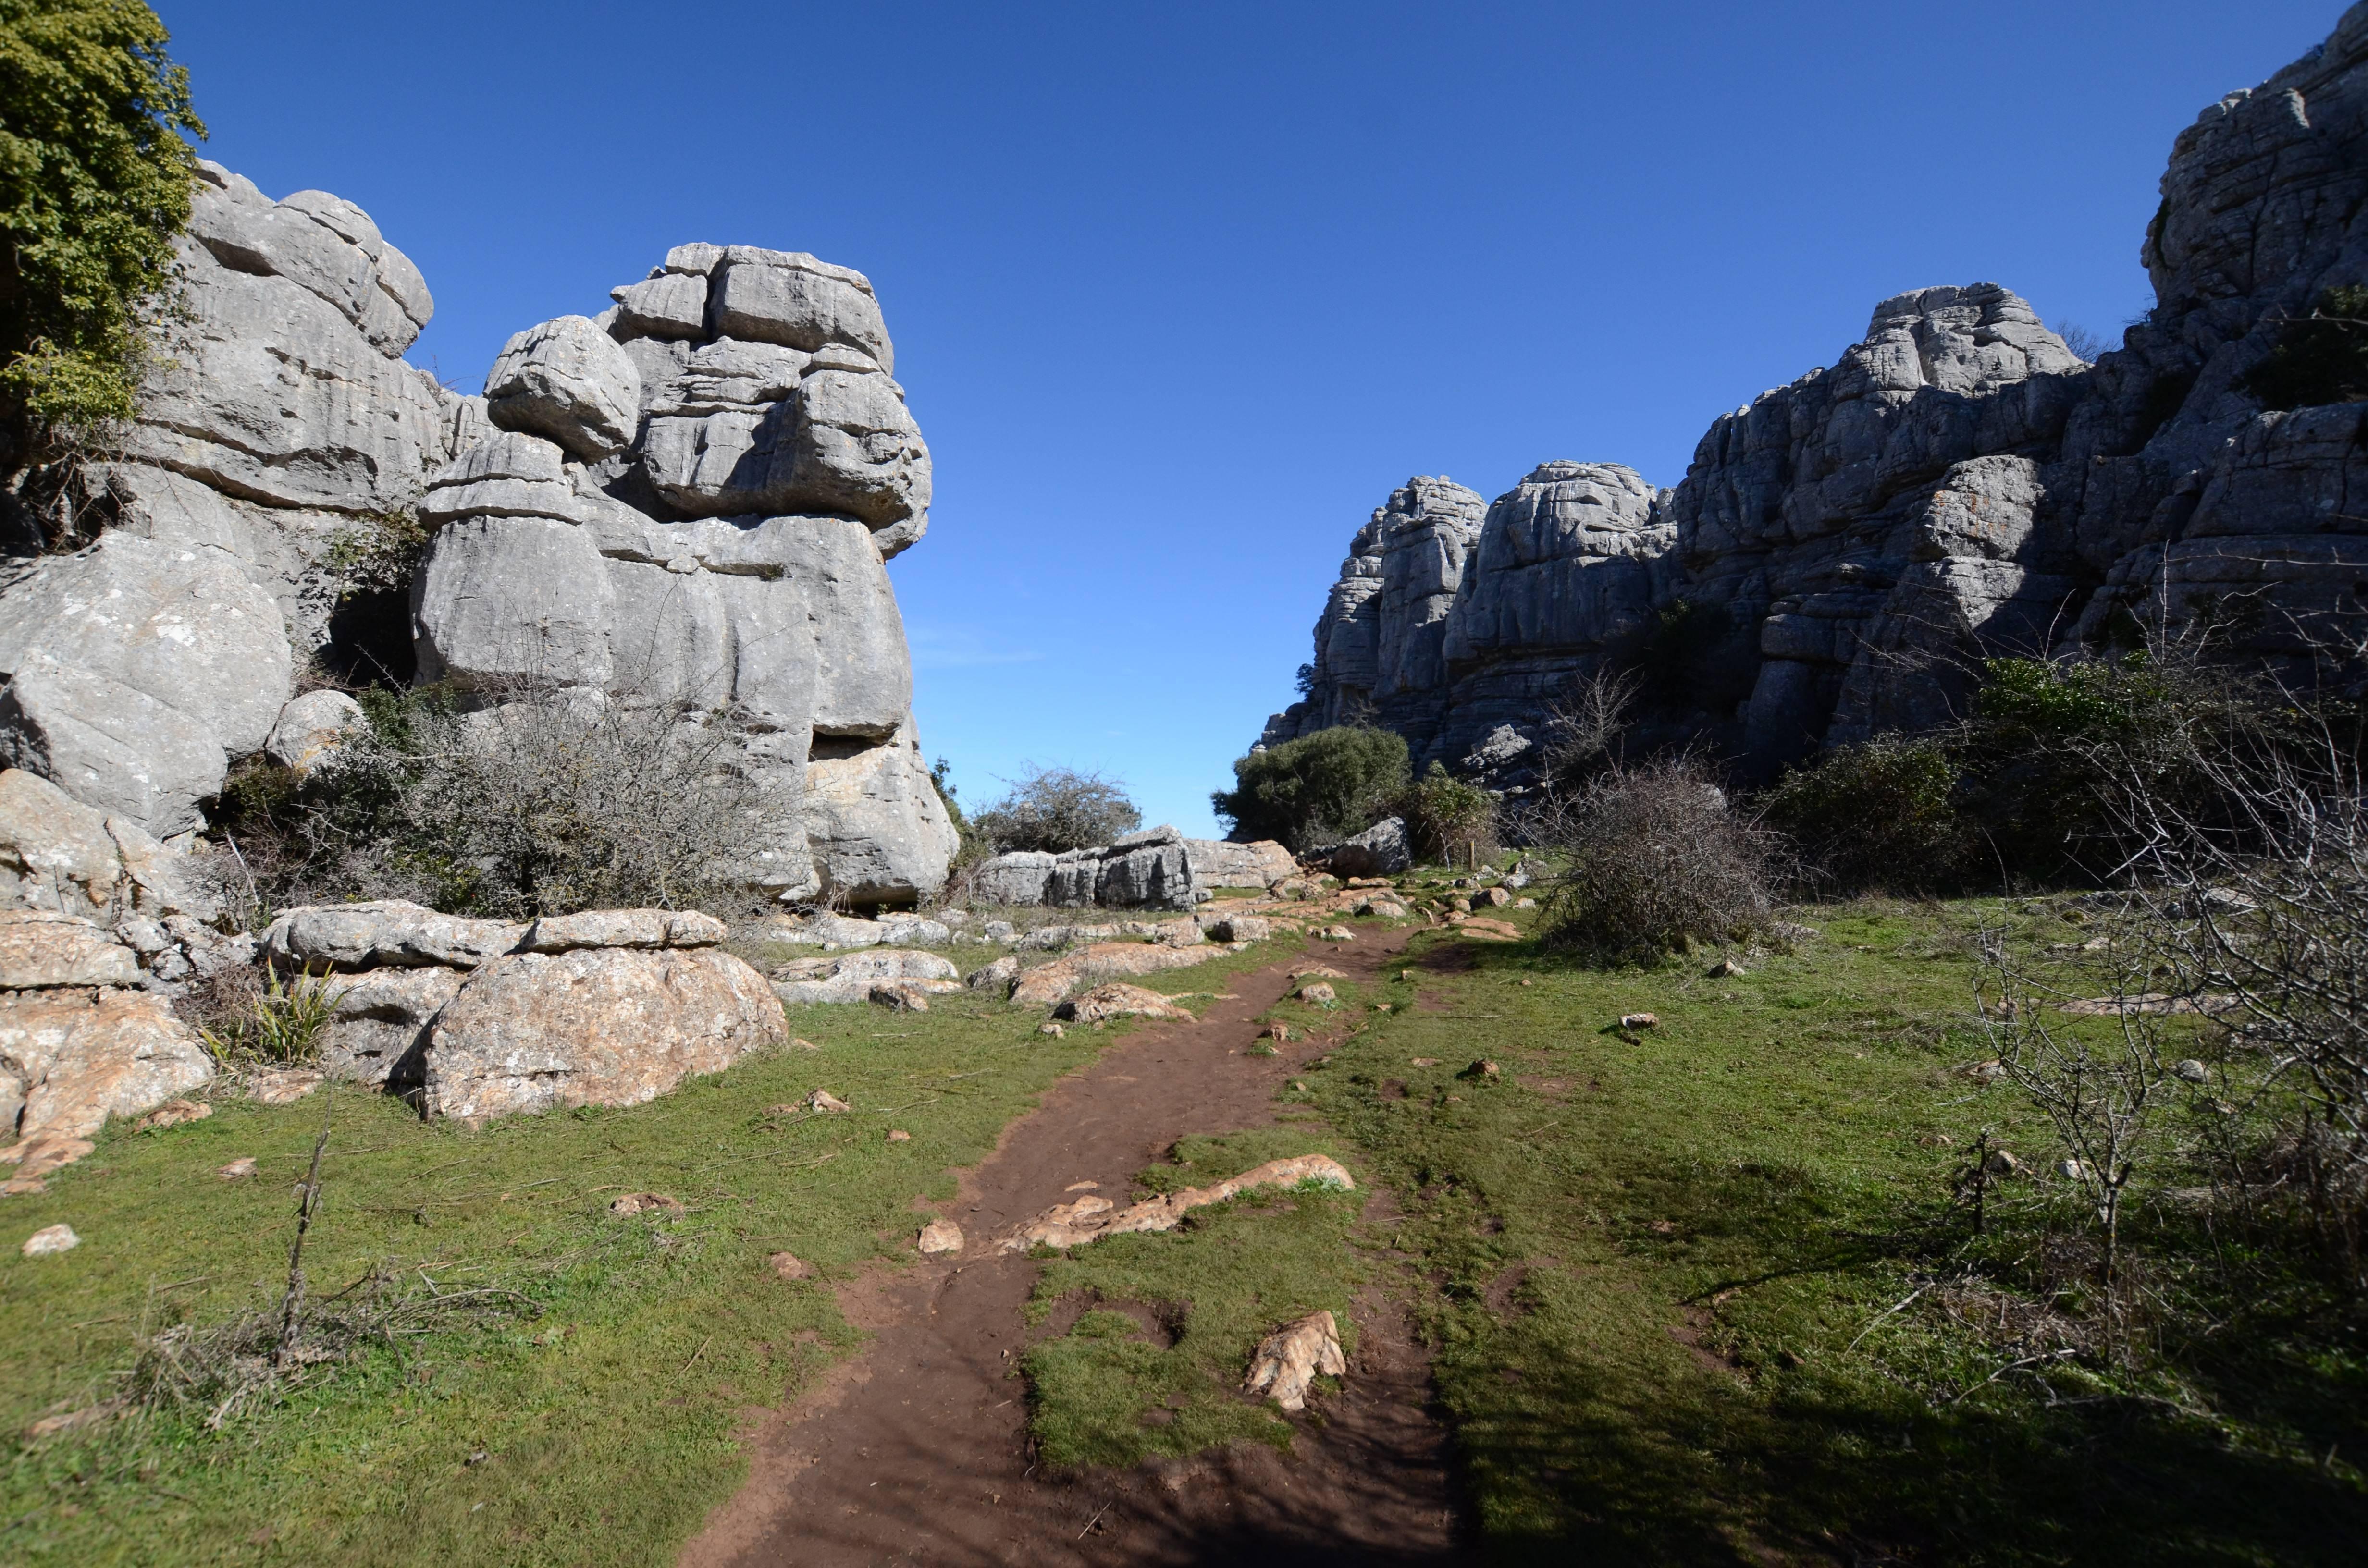 Photo 3: Un site de rochers sculptés par l'eau